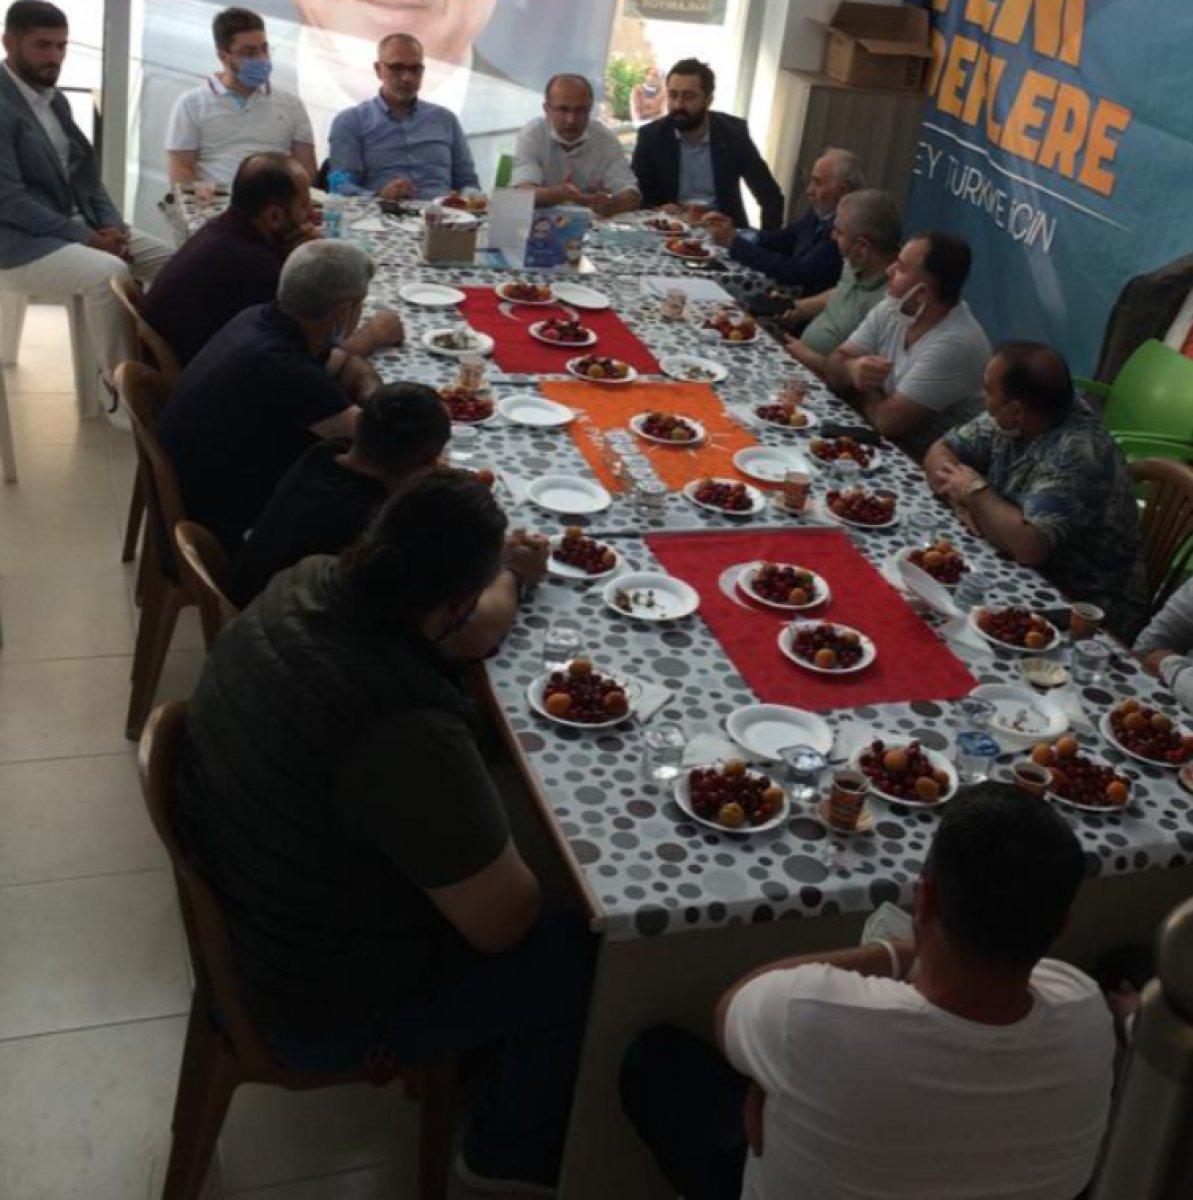 Türk bayrağı üzerinde yemek yenilmesine sert tepki #2